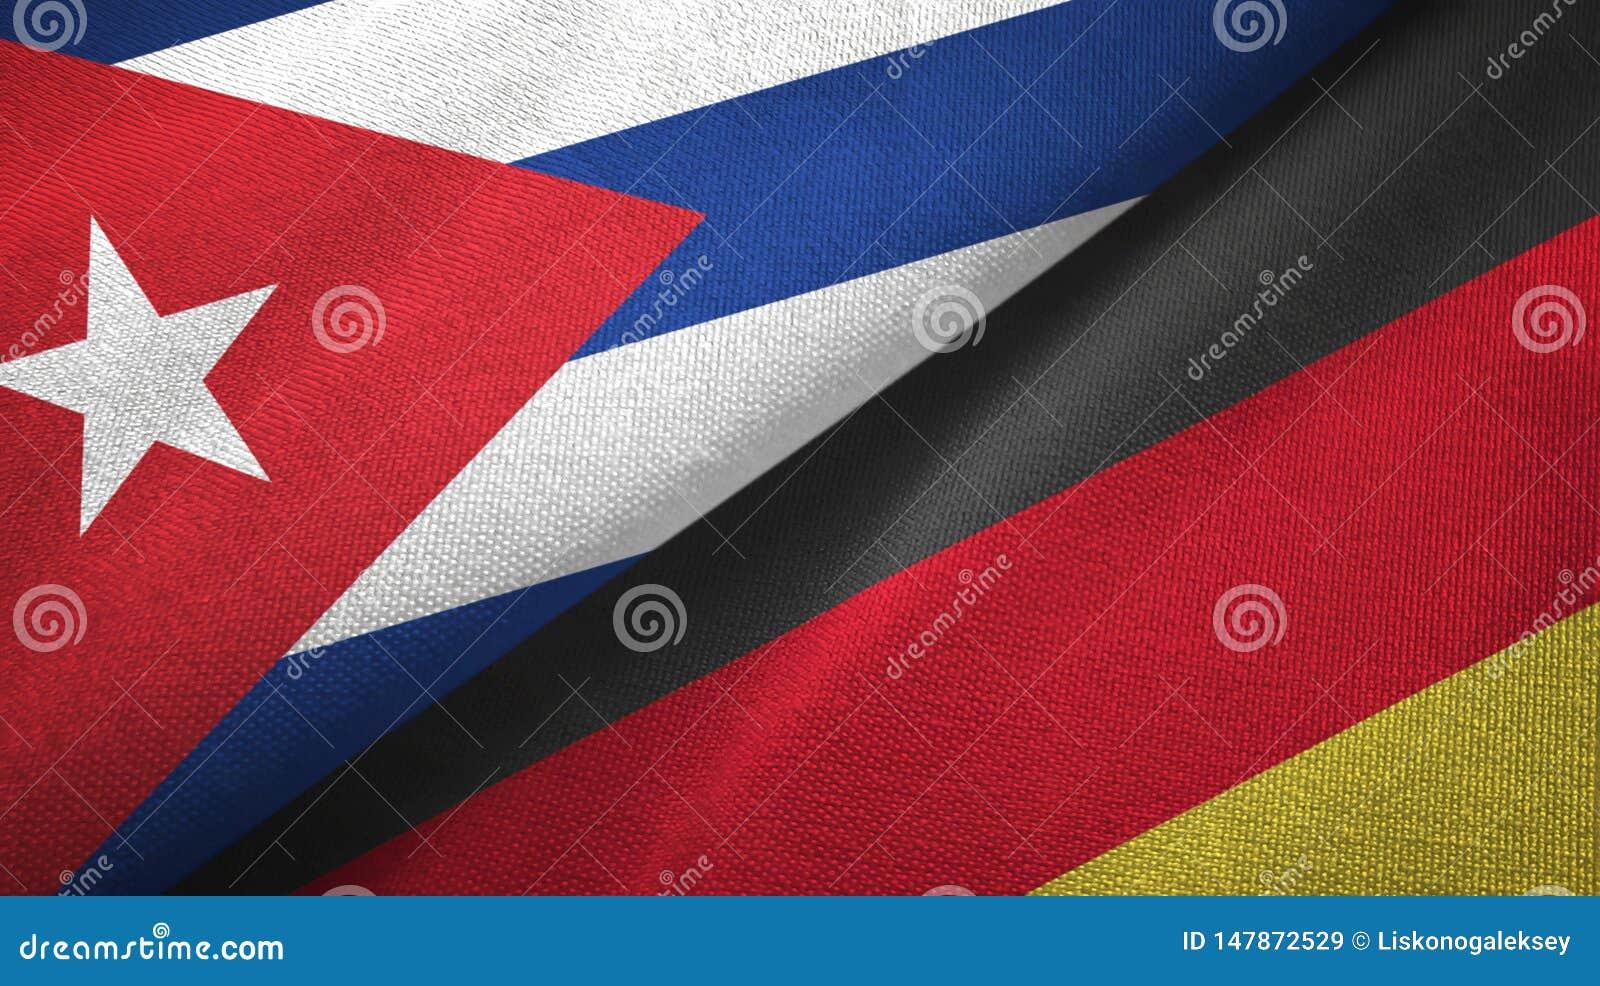 Cuba en Duitsland twee vlaggen textieldoek, stoffentextuur